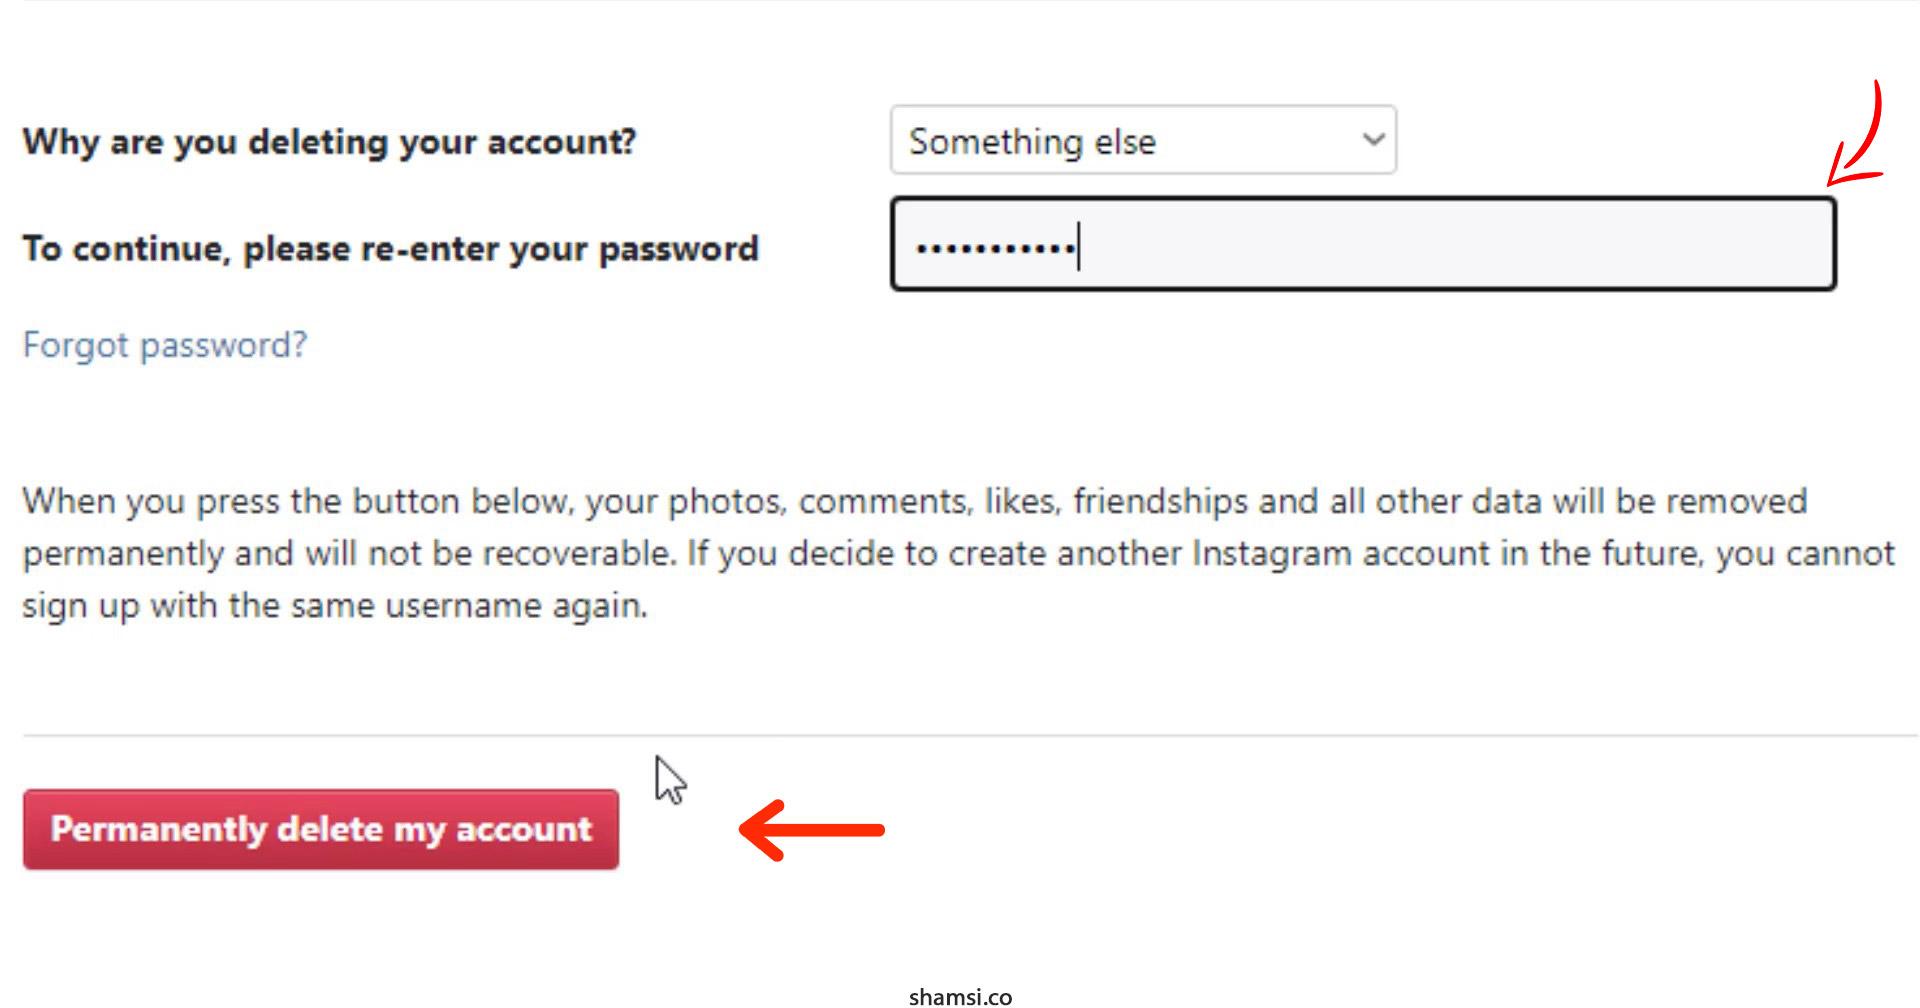 حذف حساب کاربری اینستاگرام